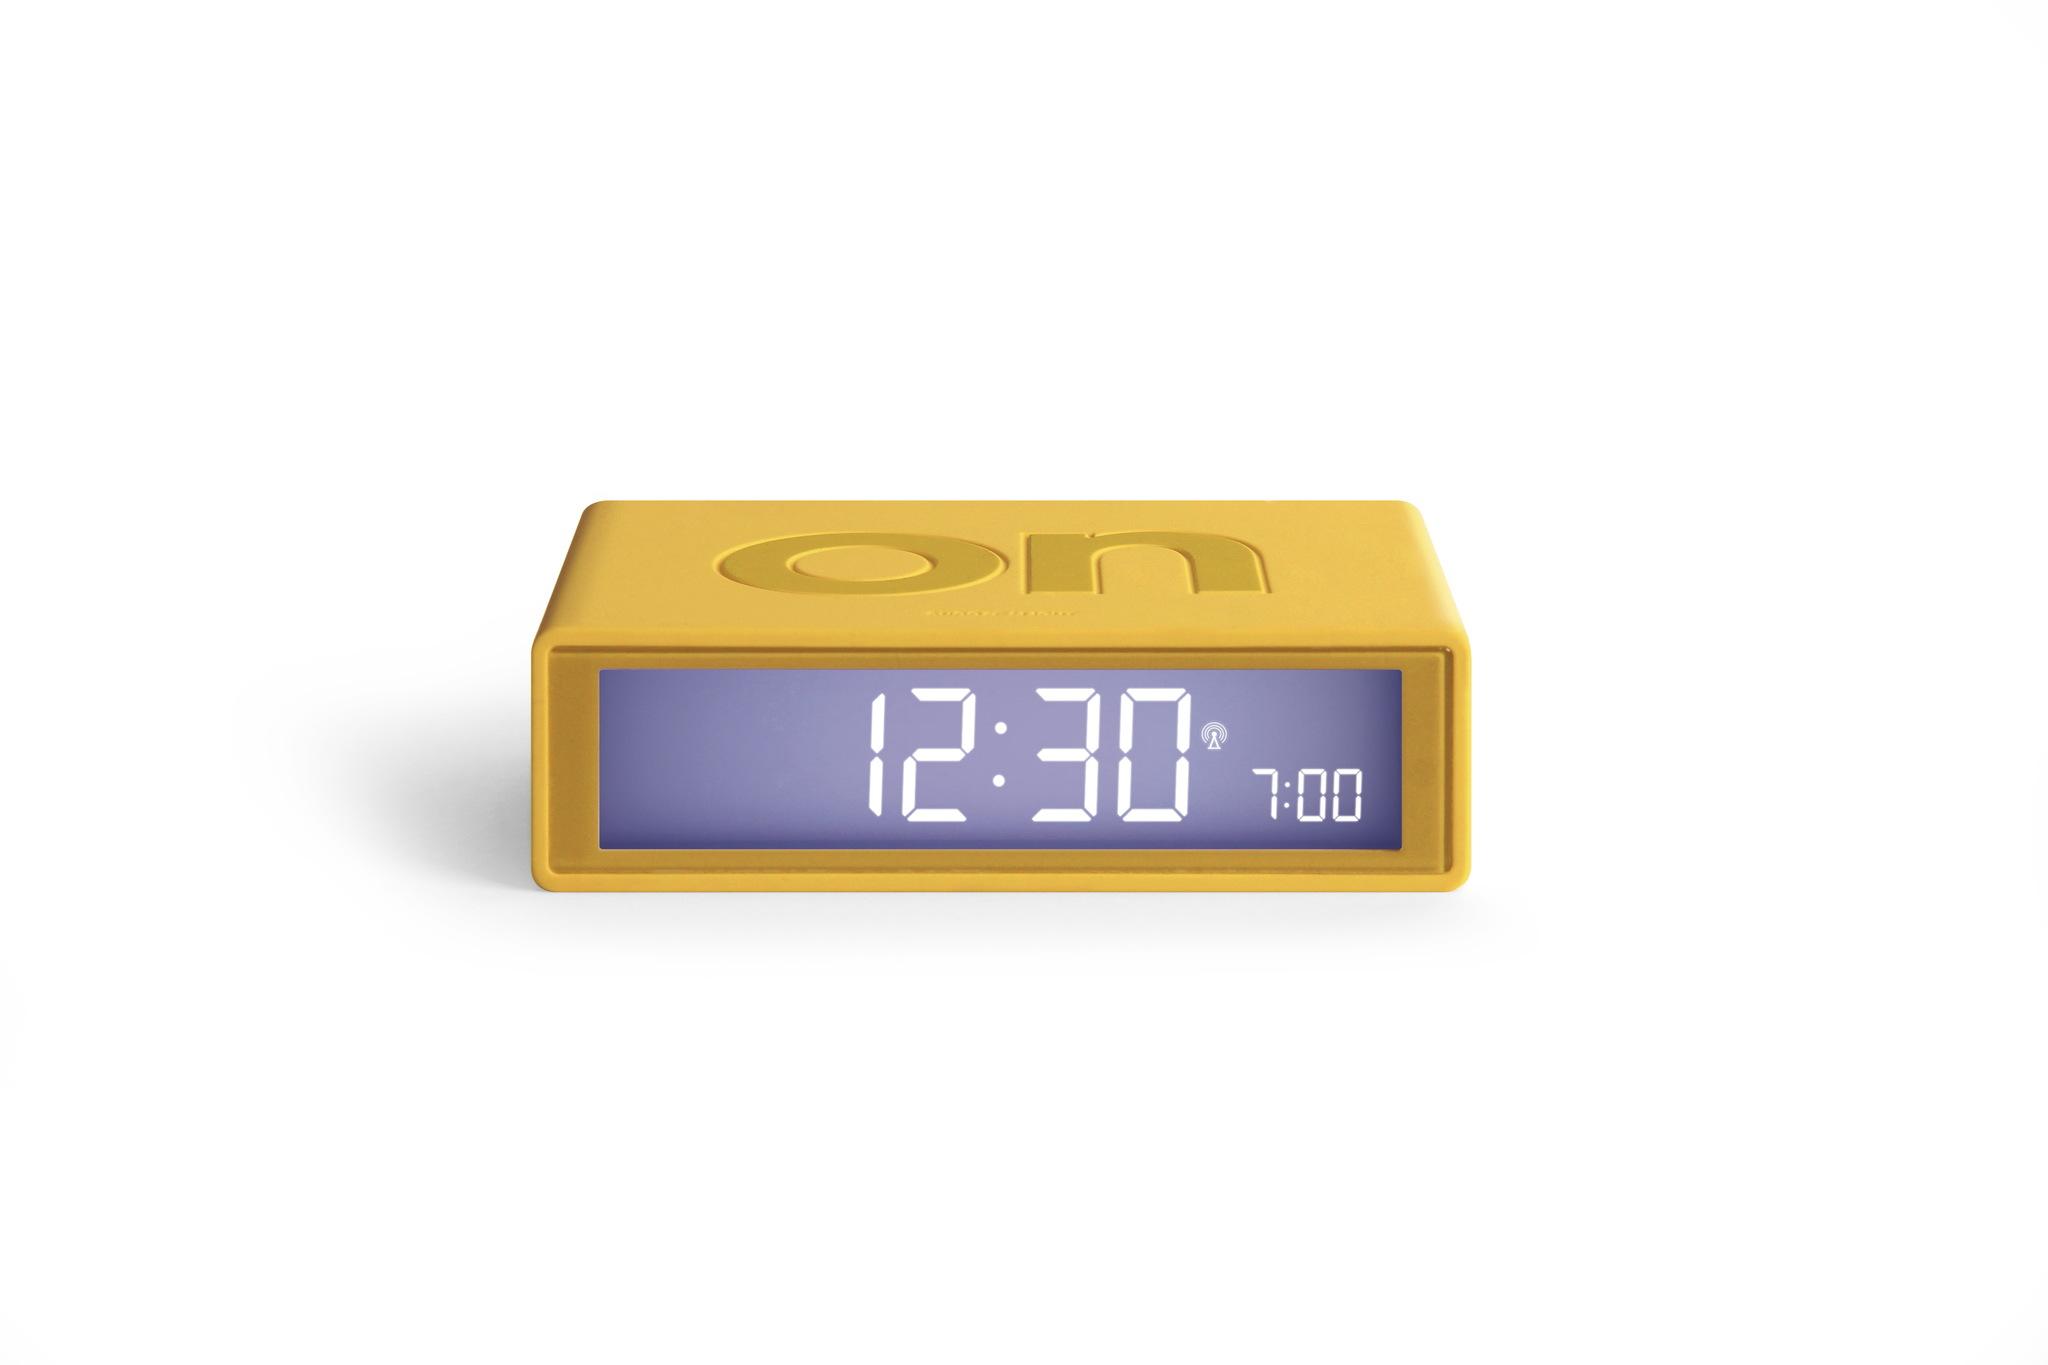 gelb, funkgesteuert, LCD Display, snooze